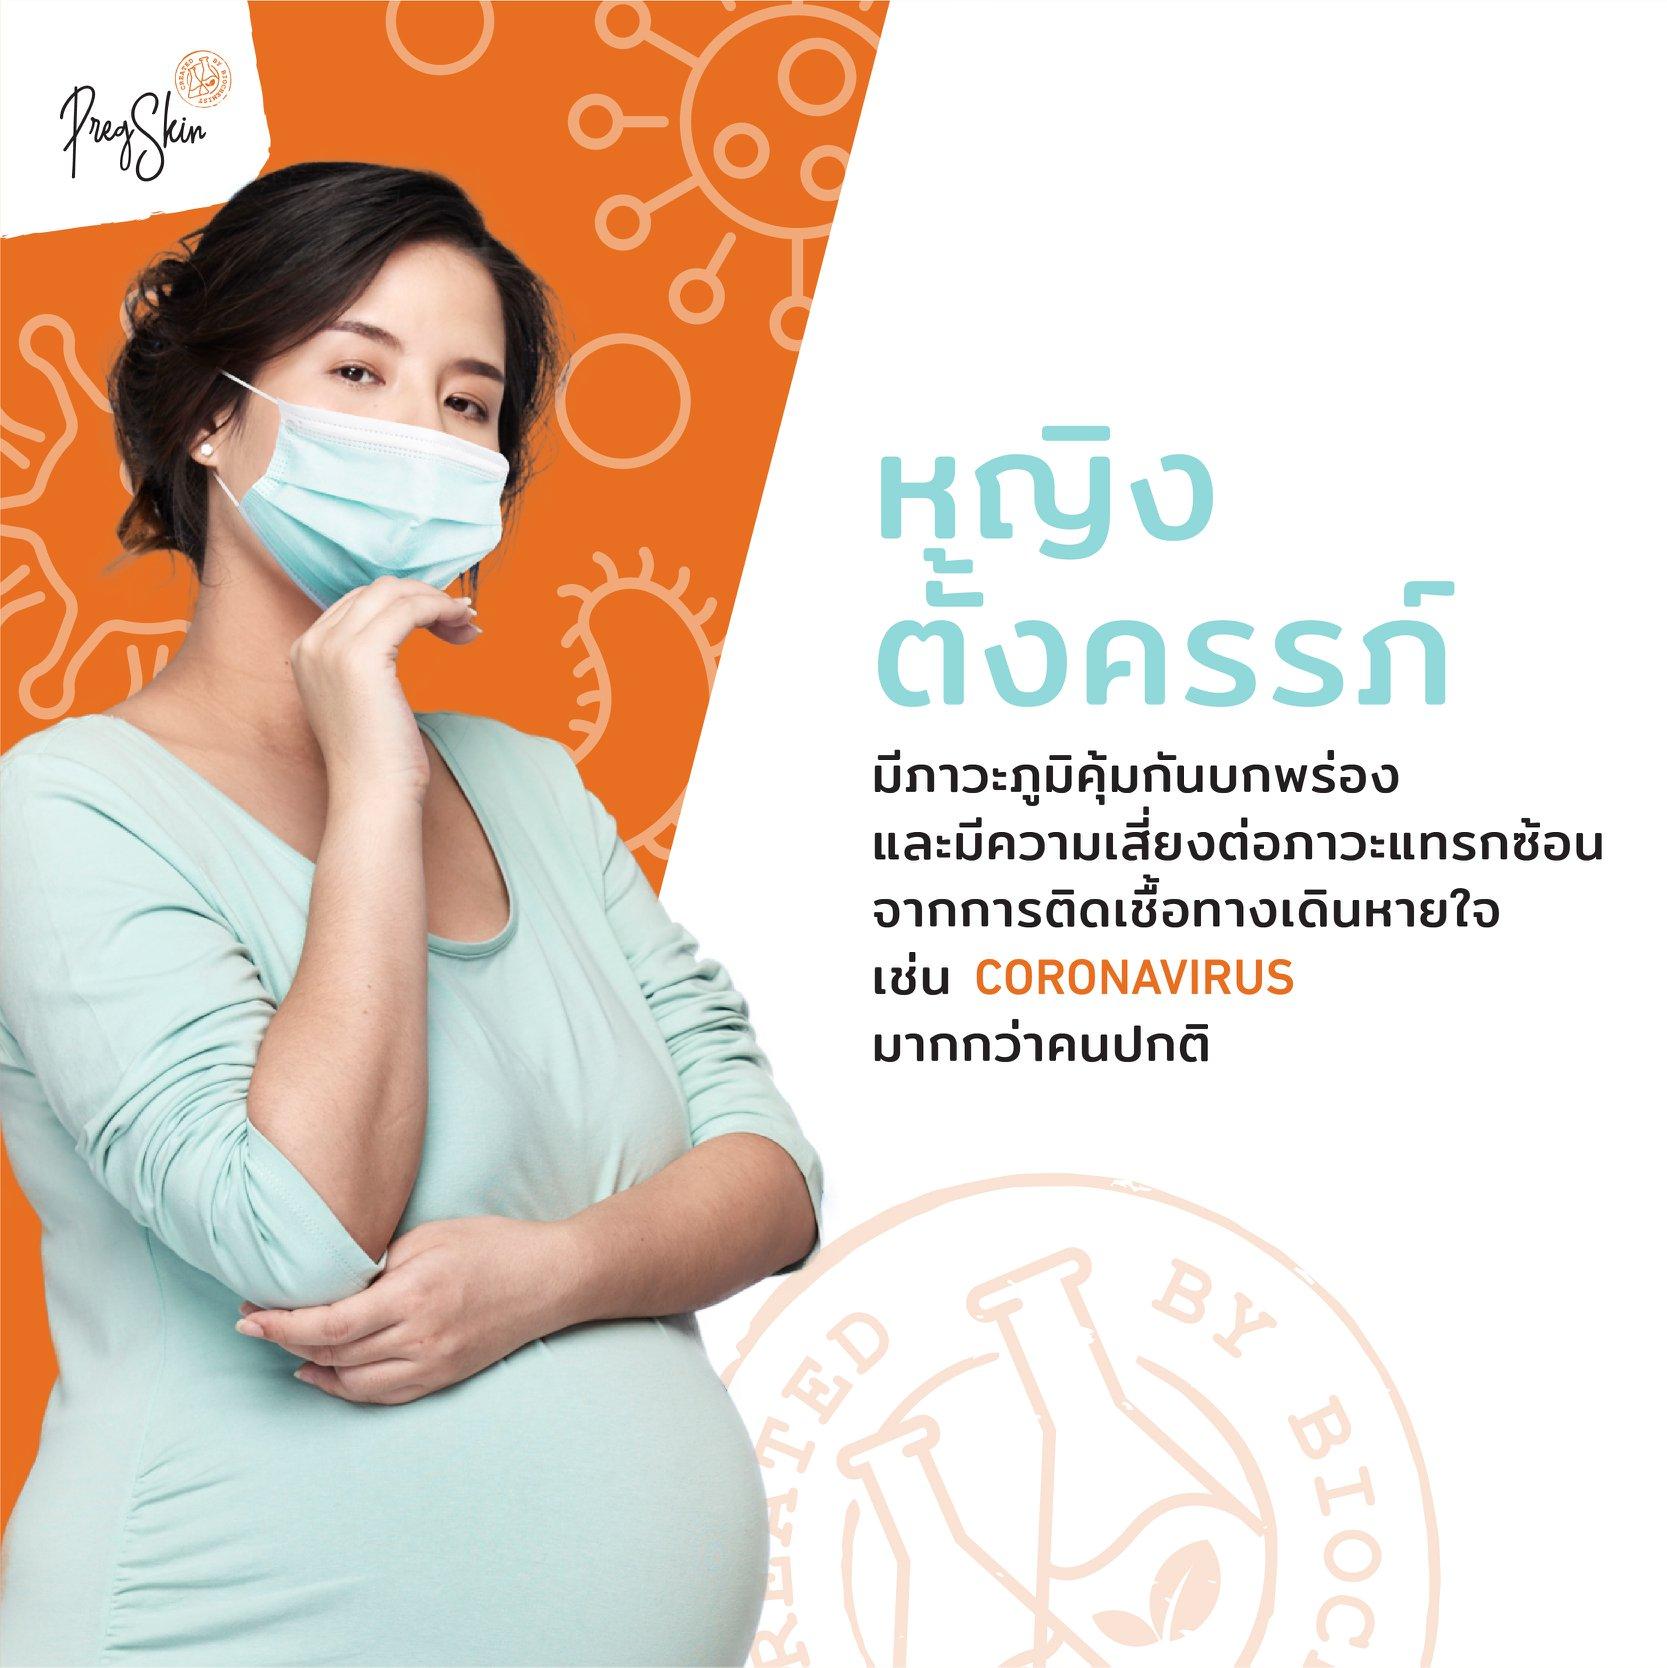 corona virus prevention for pregnant women